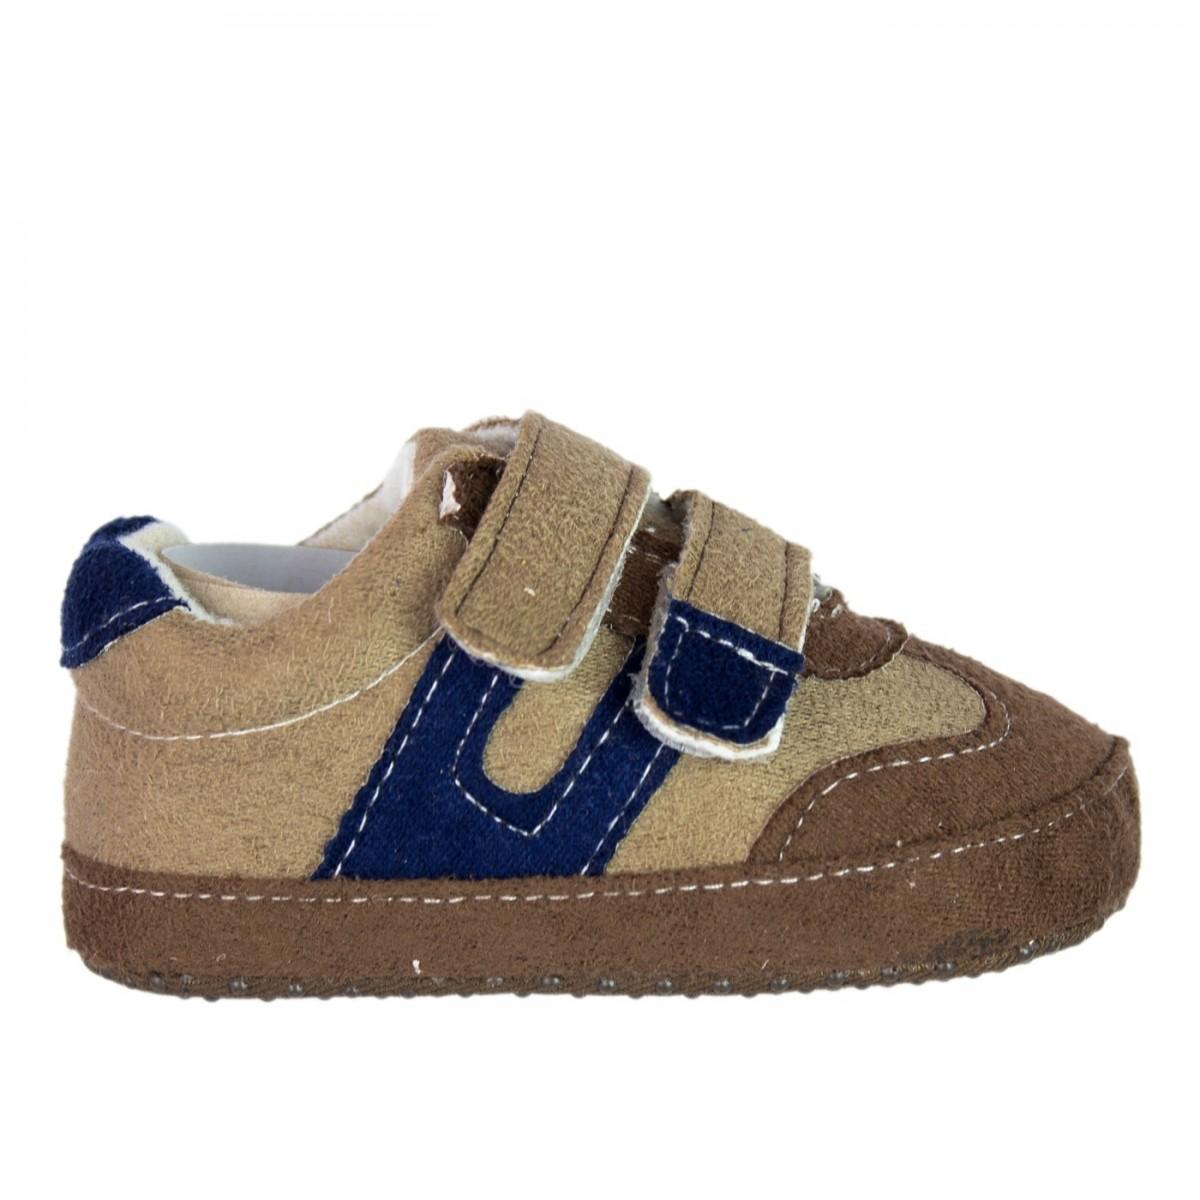 7bd924f3ac Bizz Store - Sapato Infantil Masculino Tip Top Bebê Marrom